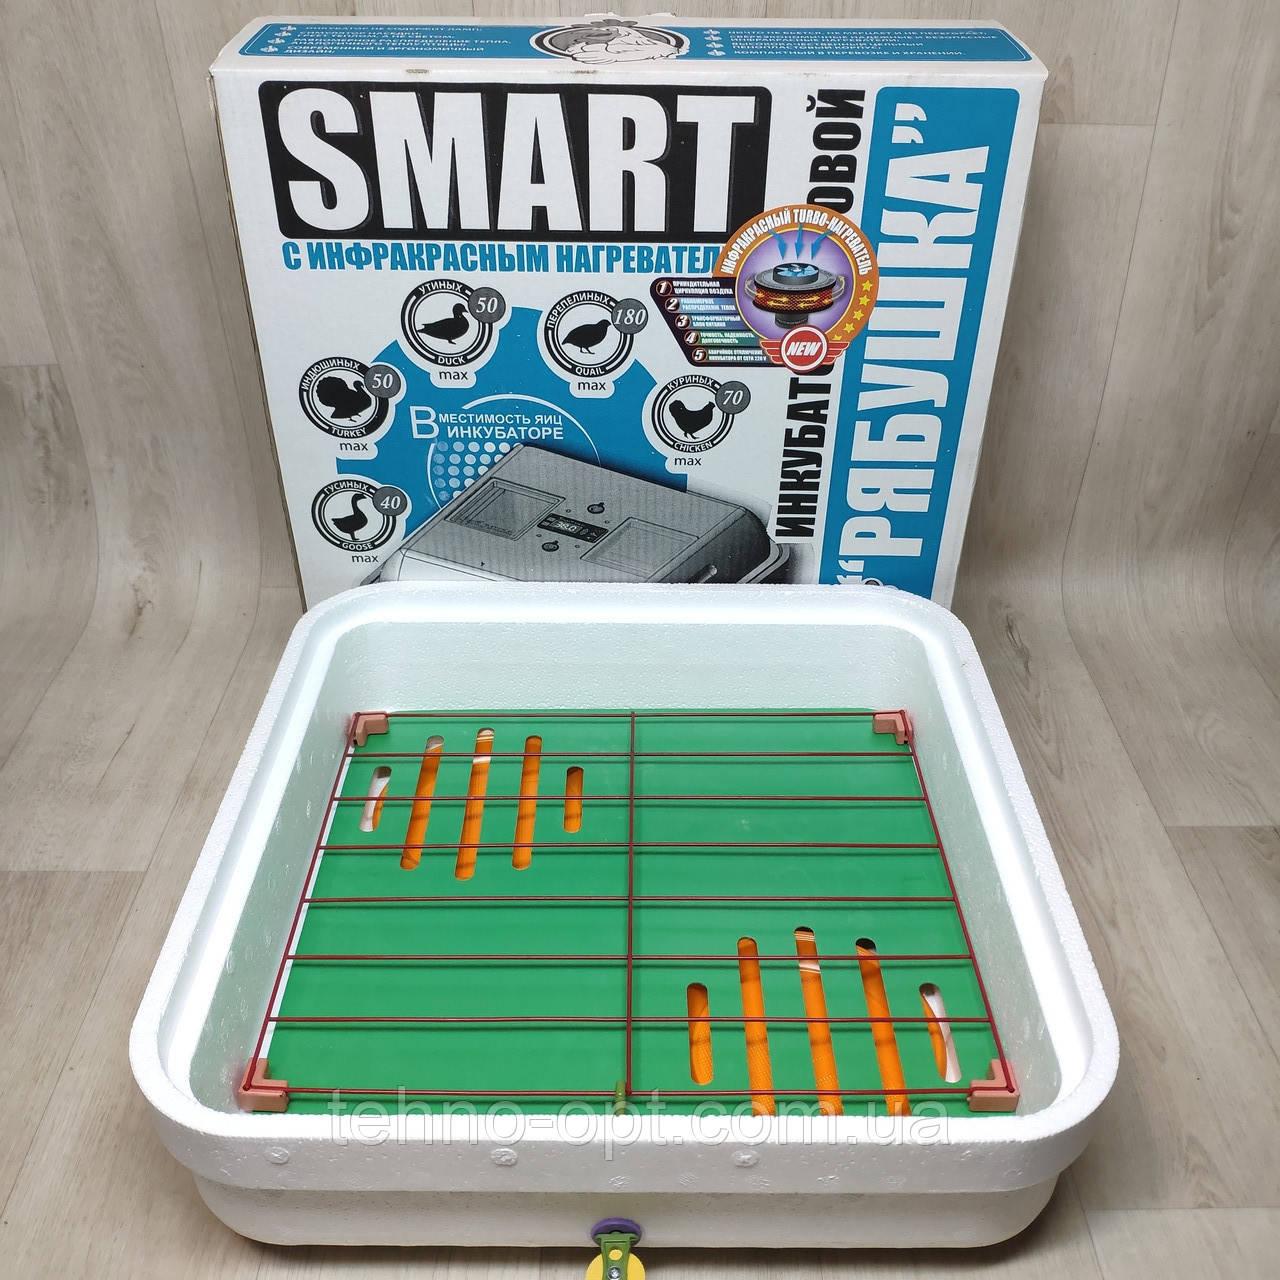 Инкубатор Рябушка SMART NEW ручной переворот 70 яиц, цифровой, ТЭН, вентилятор. Модель 2018 года